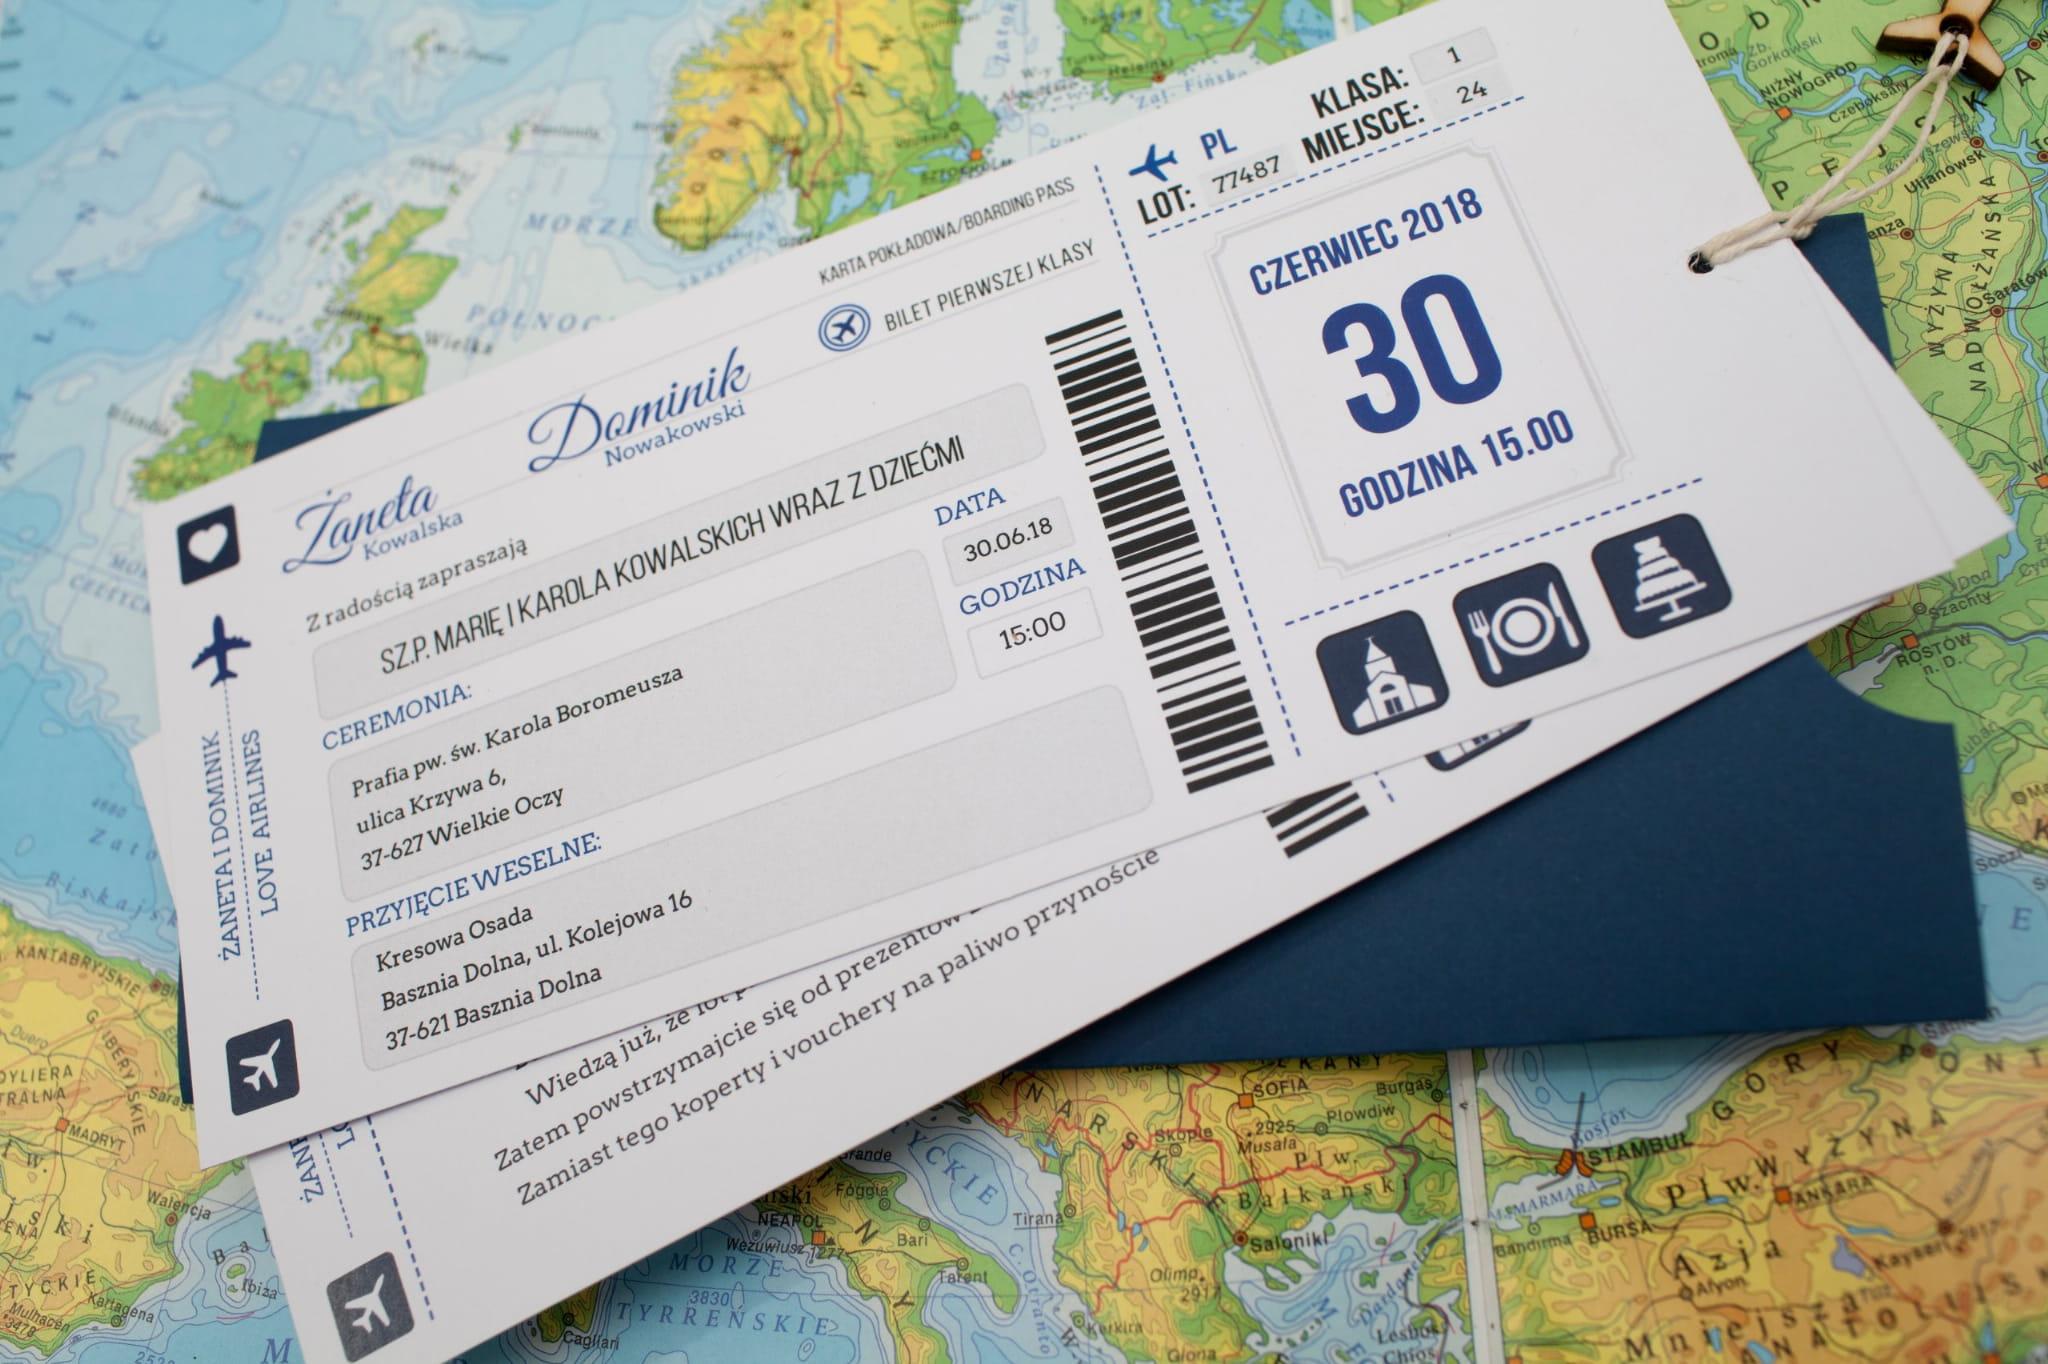 Samolot Zaproszenie ślub Bilet Lotniczy Etui Z31 Naszapracowniapl